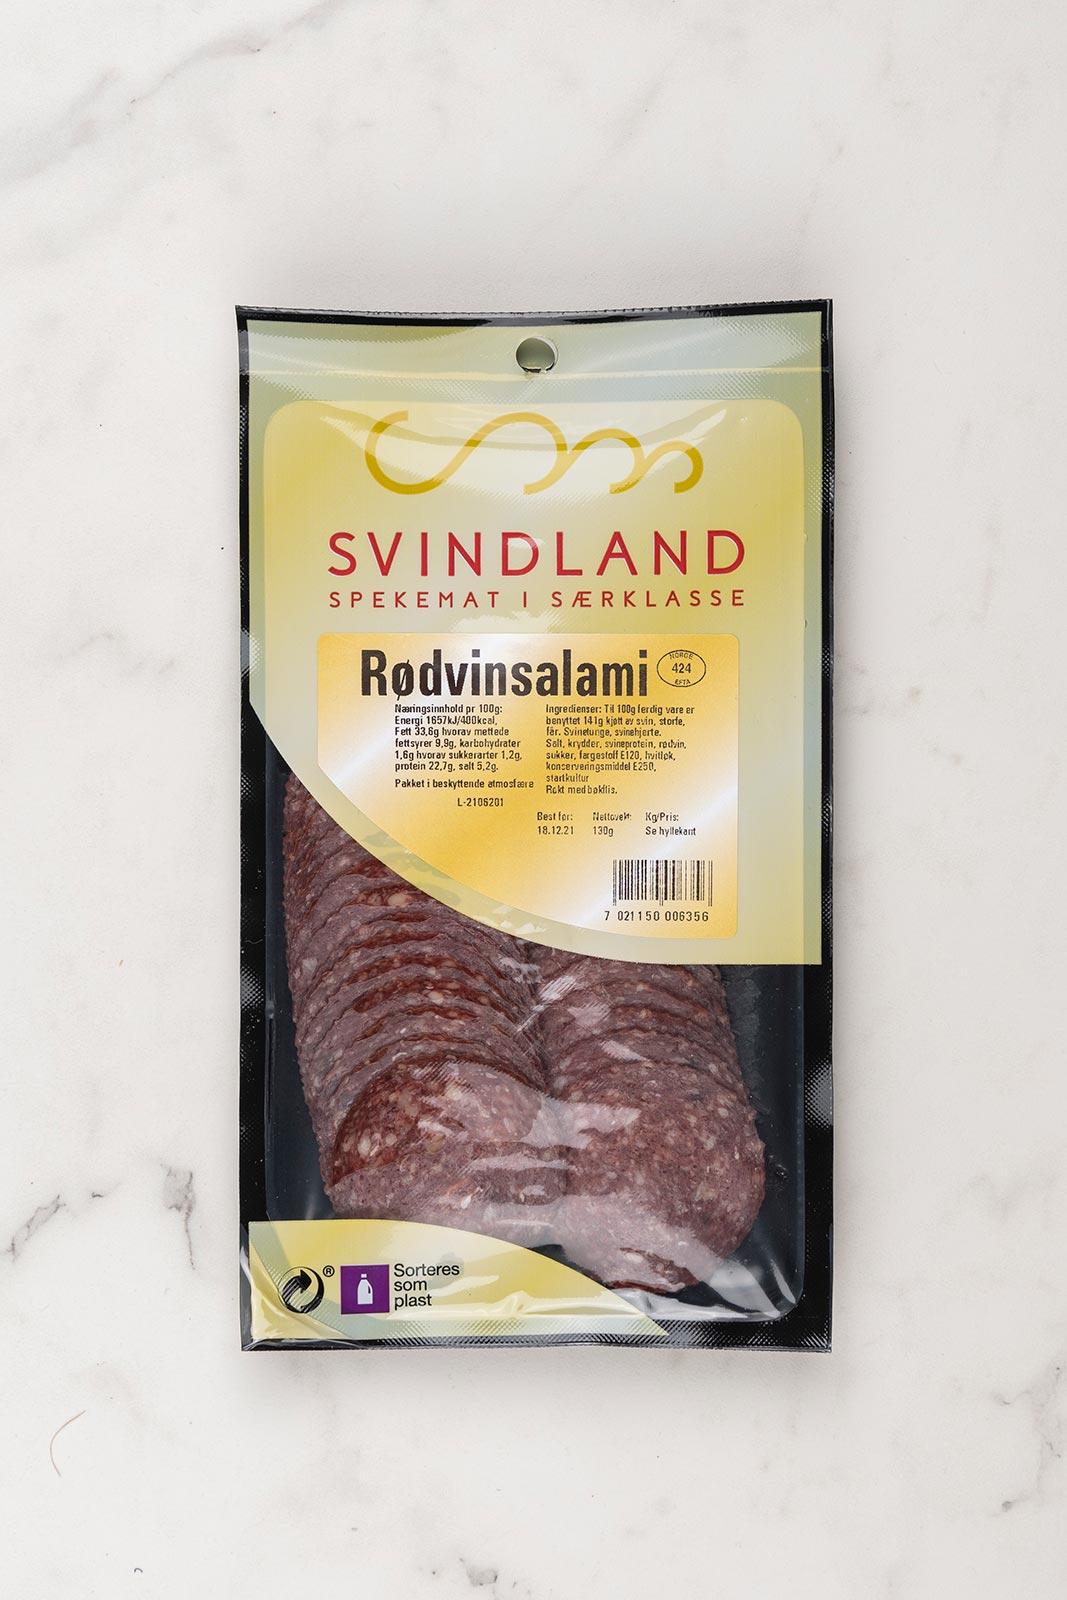 Svindland Rødvinsalami